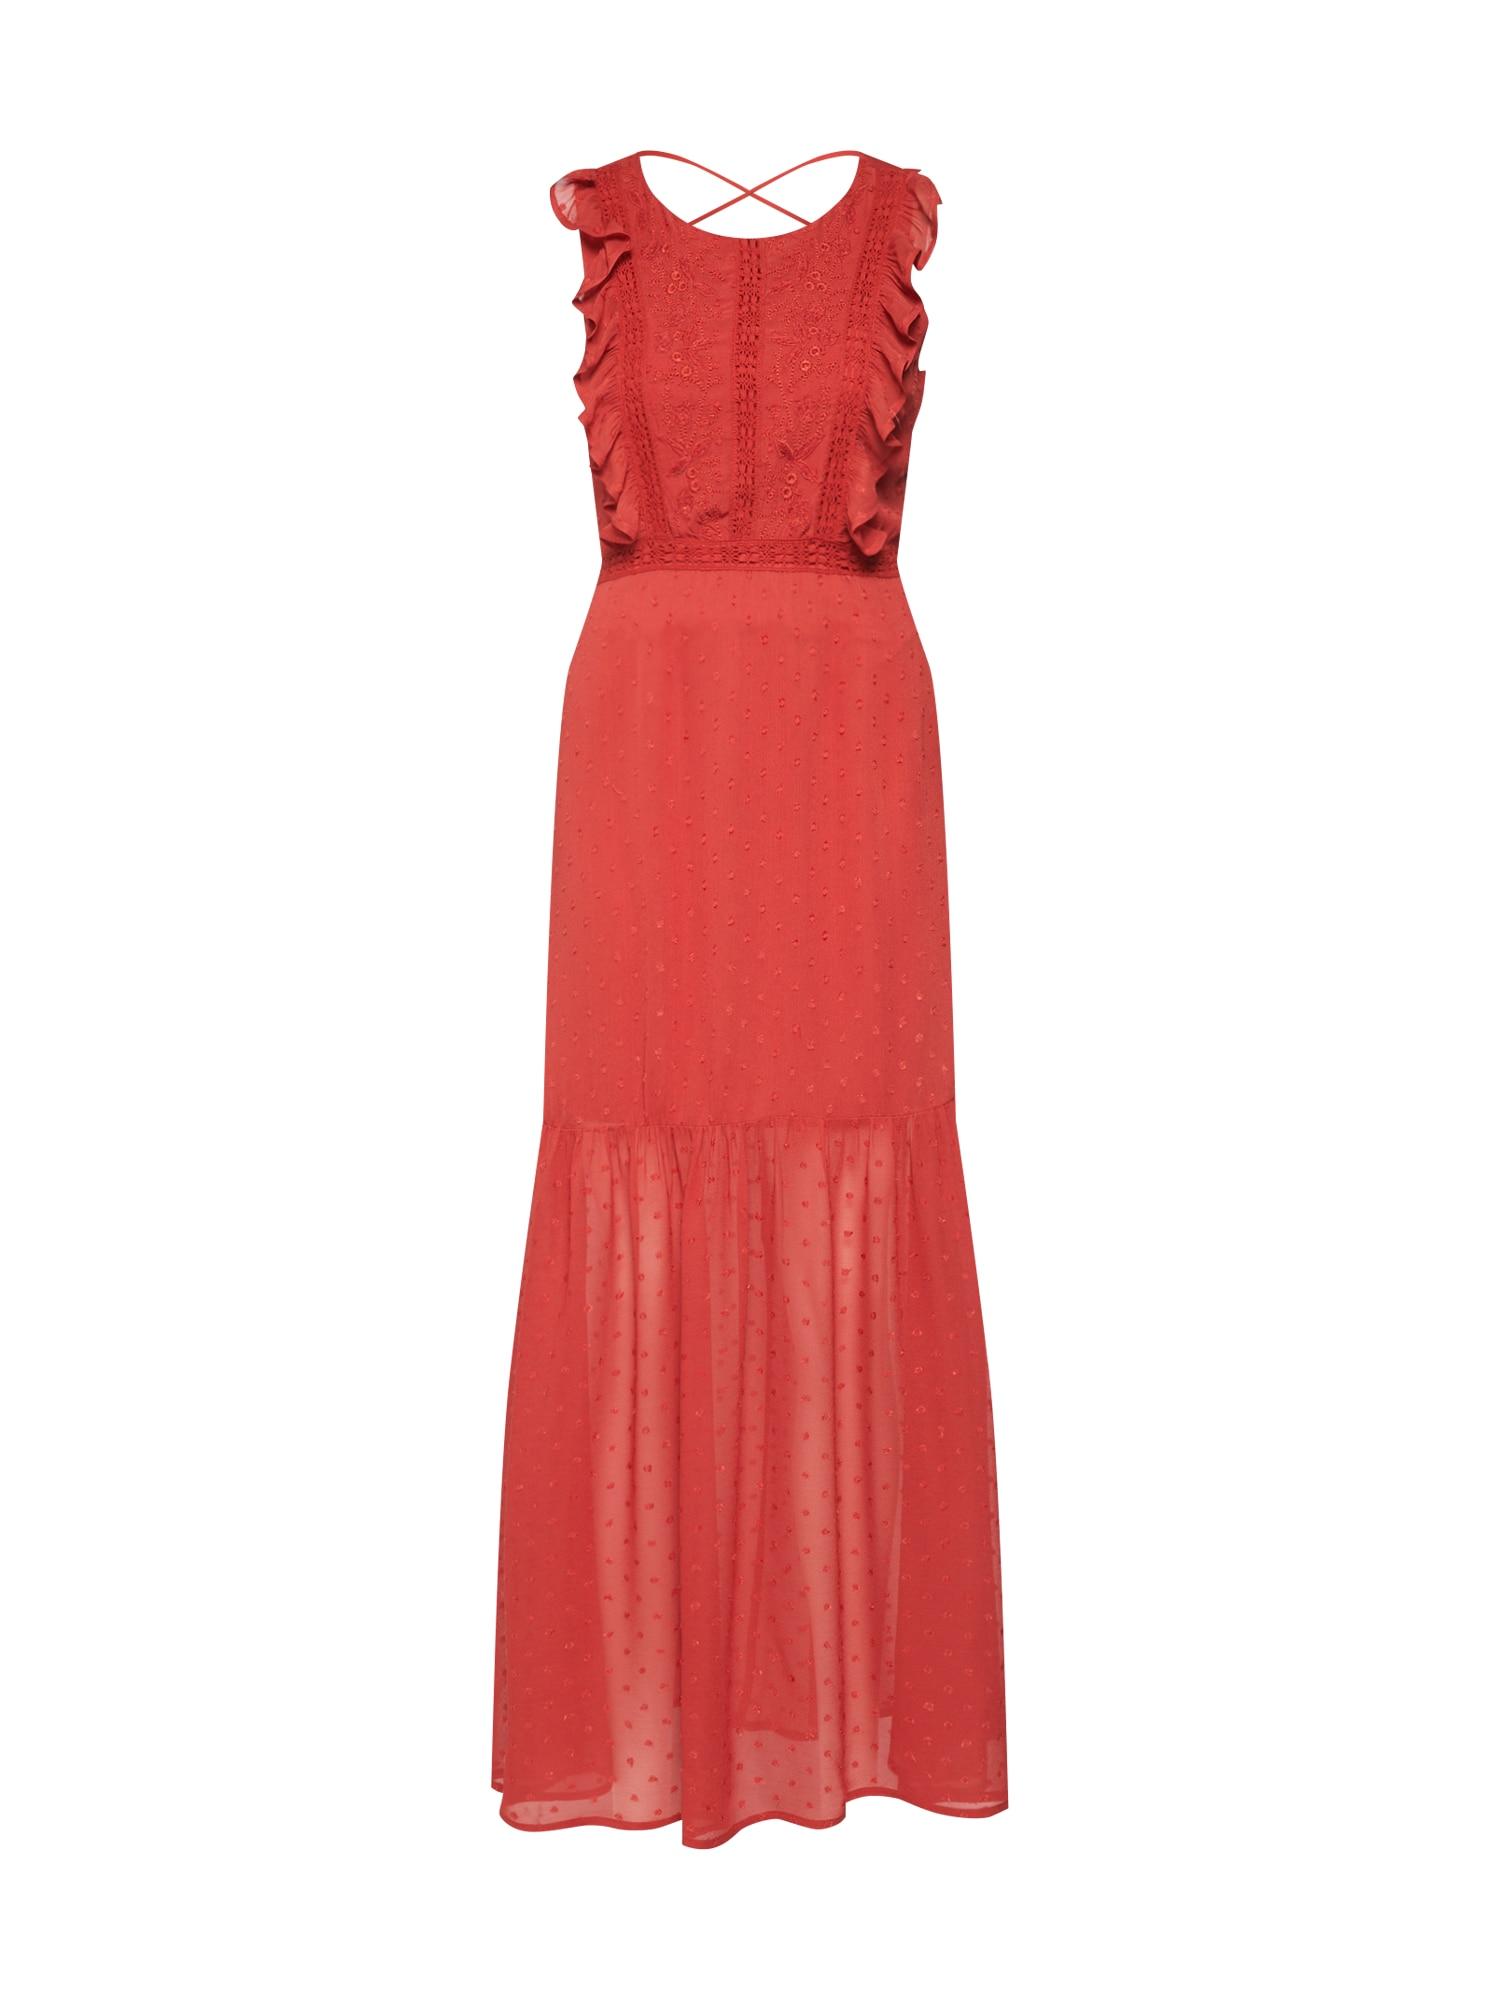 Společenské šaty YASFELINA SL ANKLE DRESS oranžově červená Y.A.S